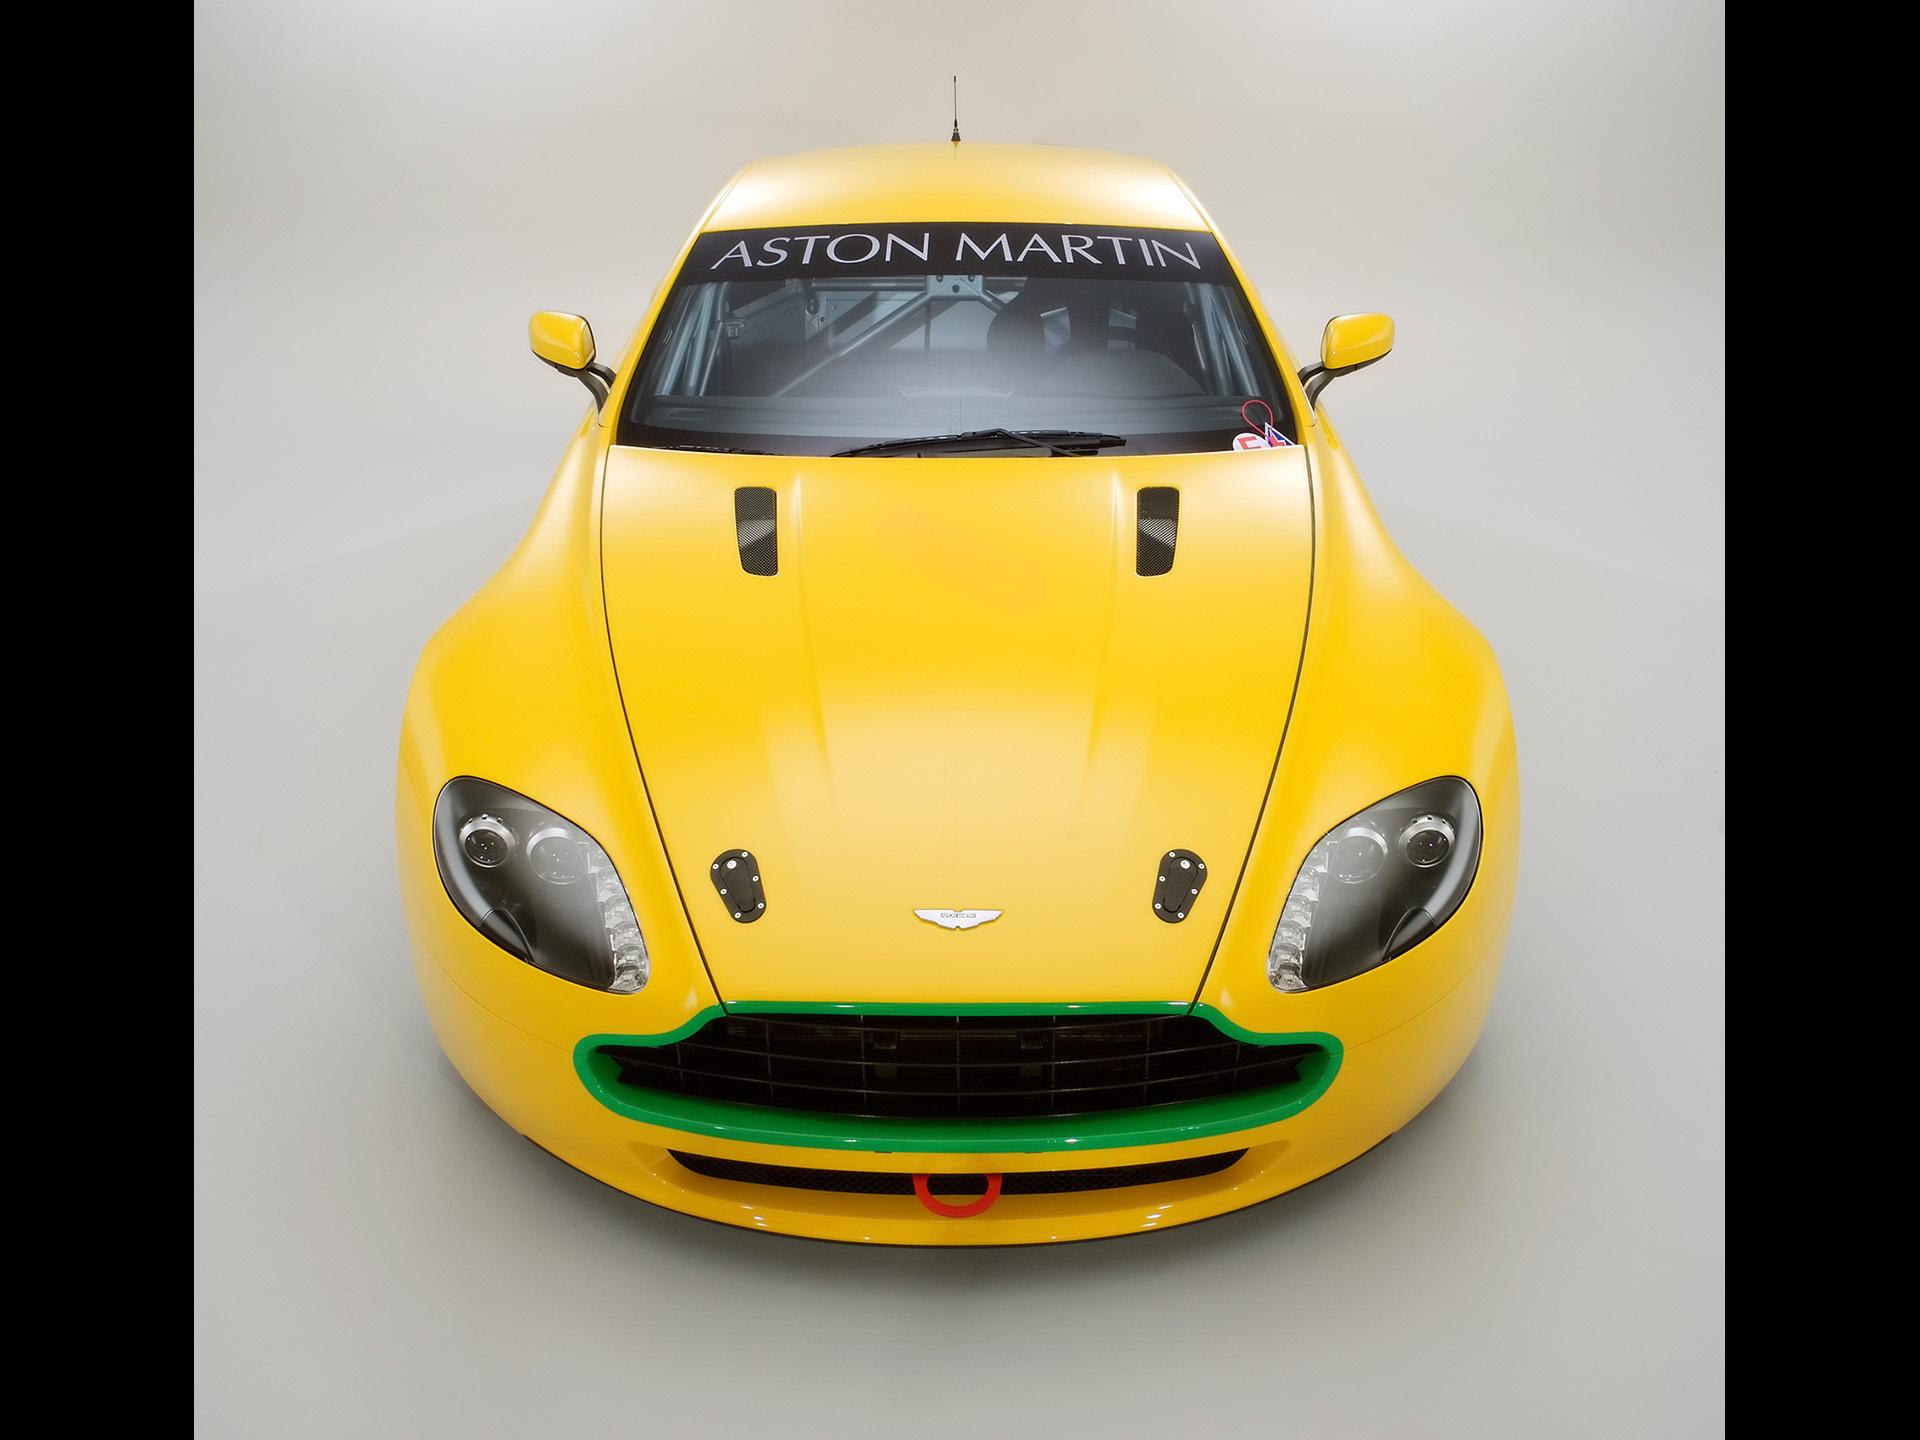 11568 скачать обои Транспорт, Машины, Астон Мартин (Aston Martin) - заставки и картинки бесплатно